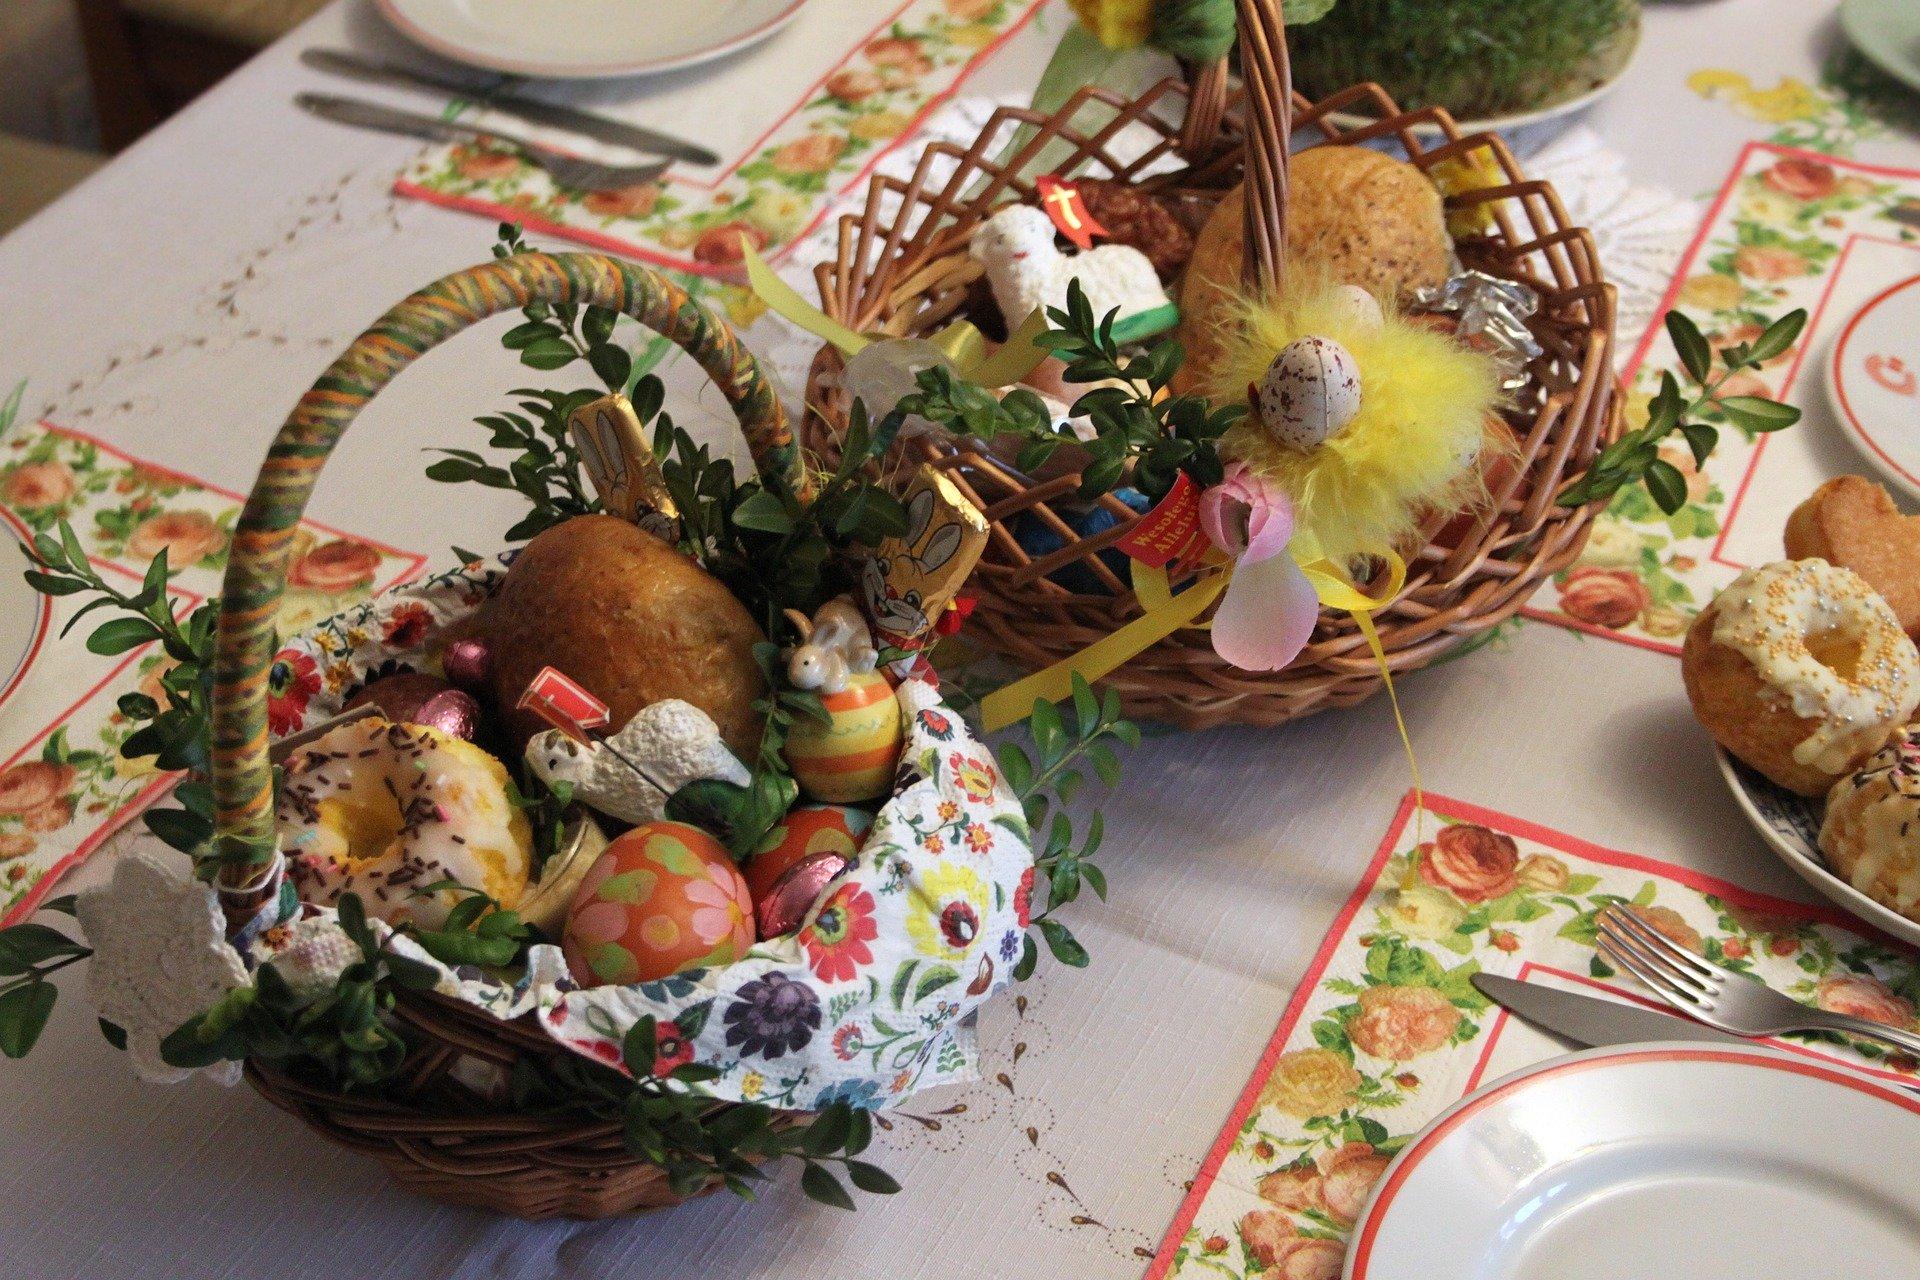 Premier: Najbliższe Święta Wielkanocne spędźmy odpowiedzialnie, w ograniczonym gronie rodzinnym